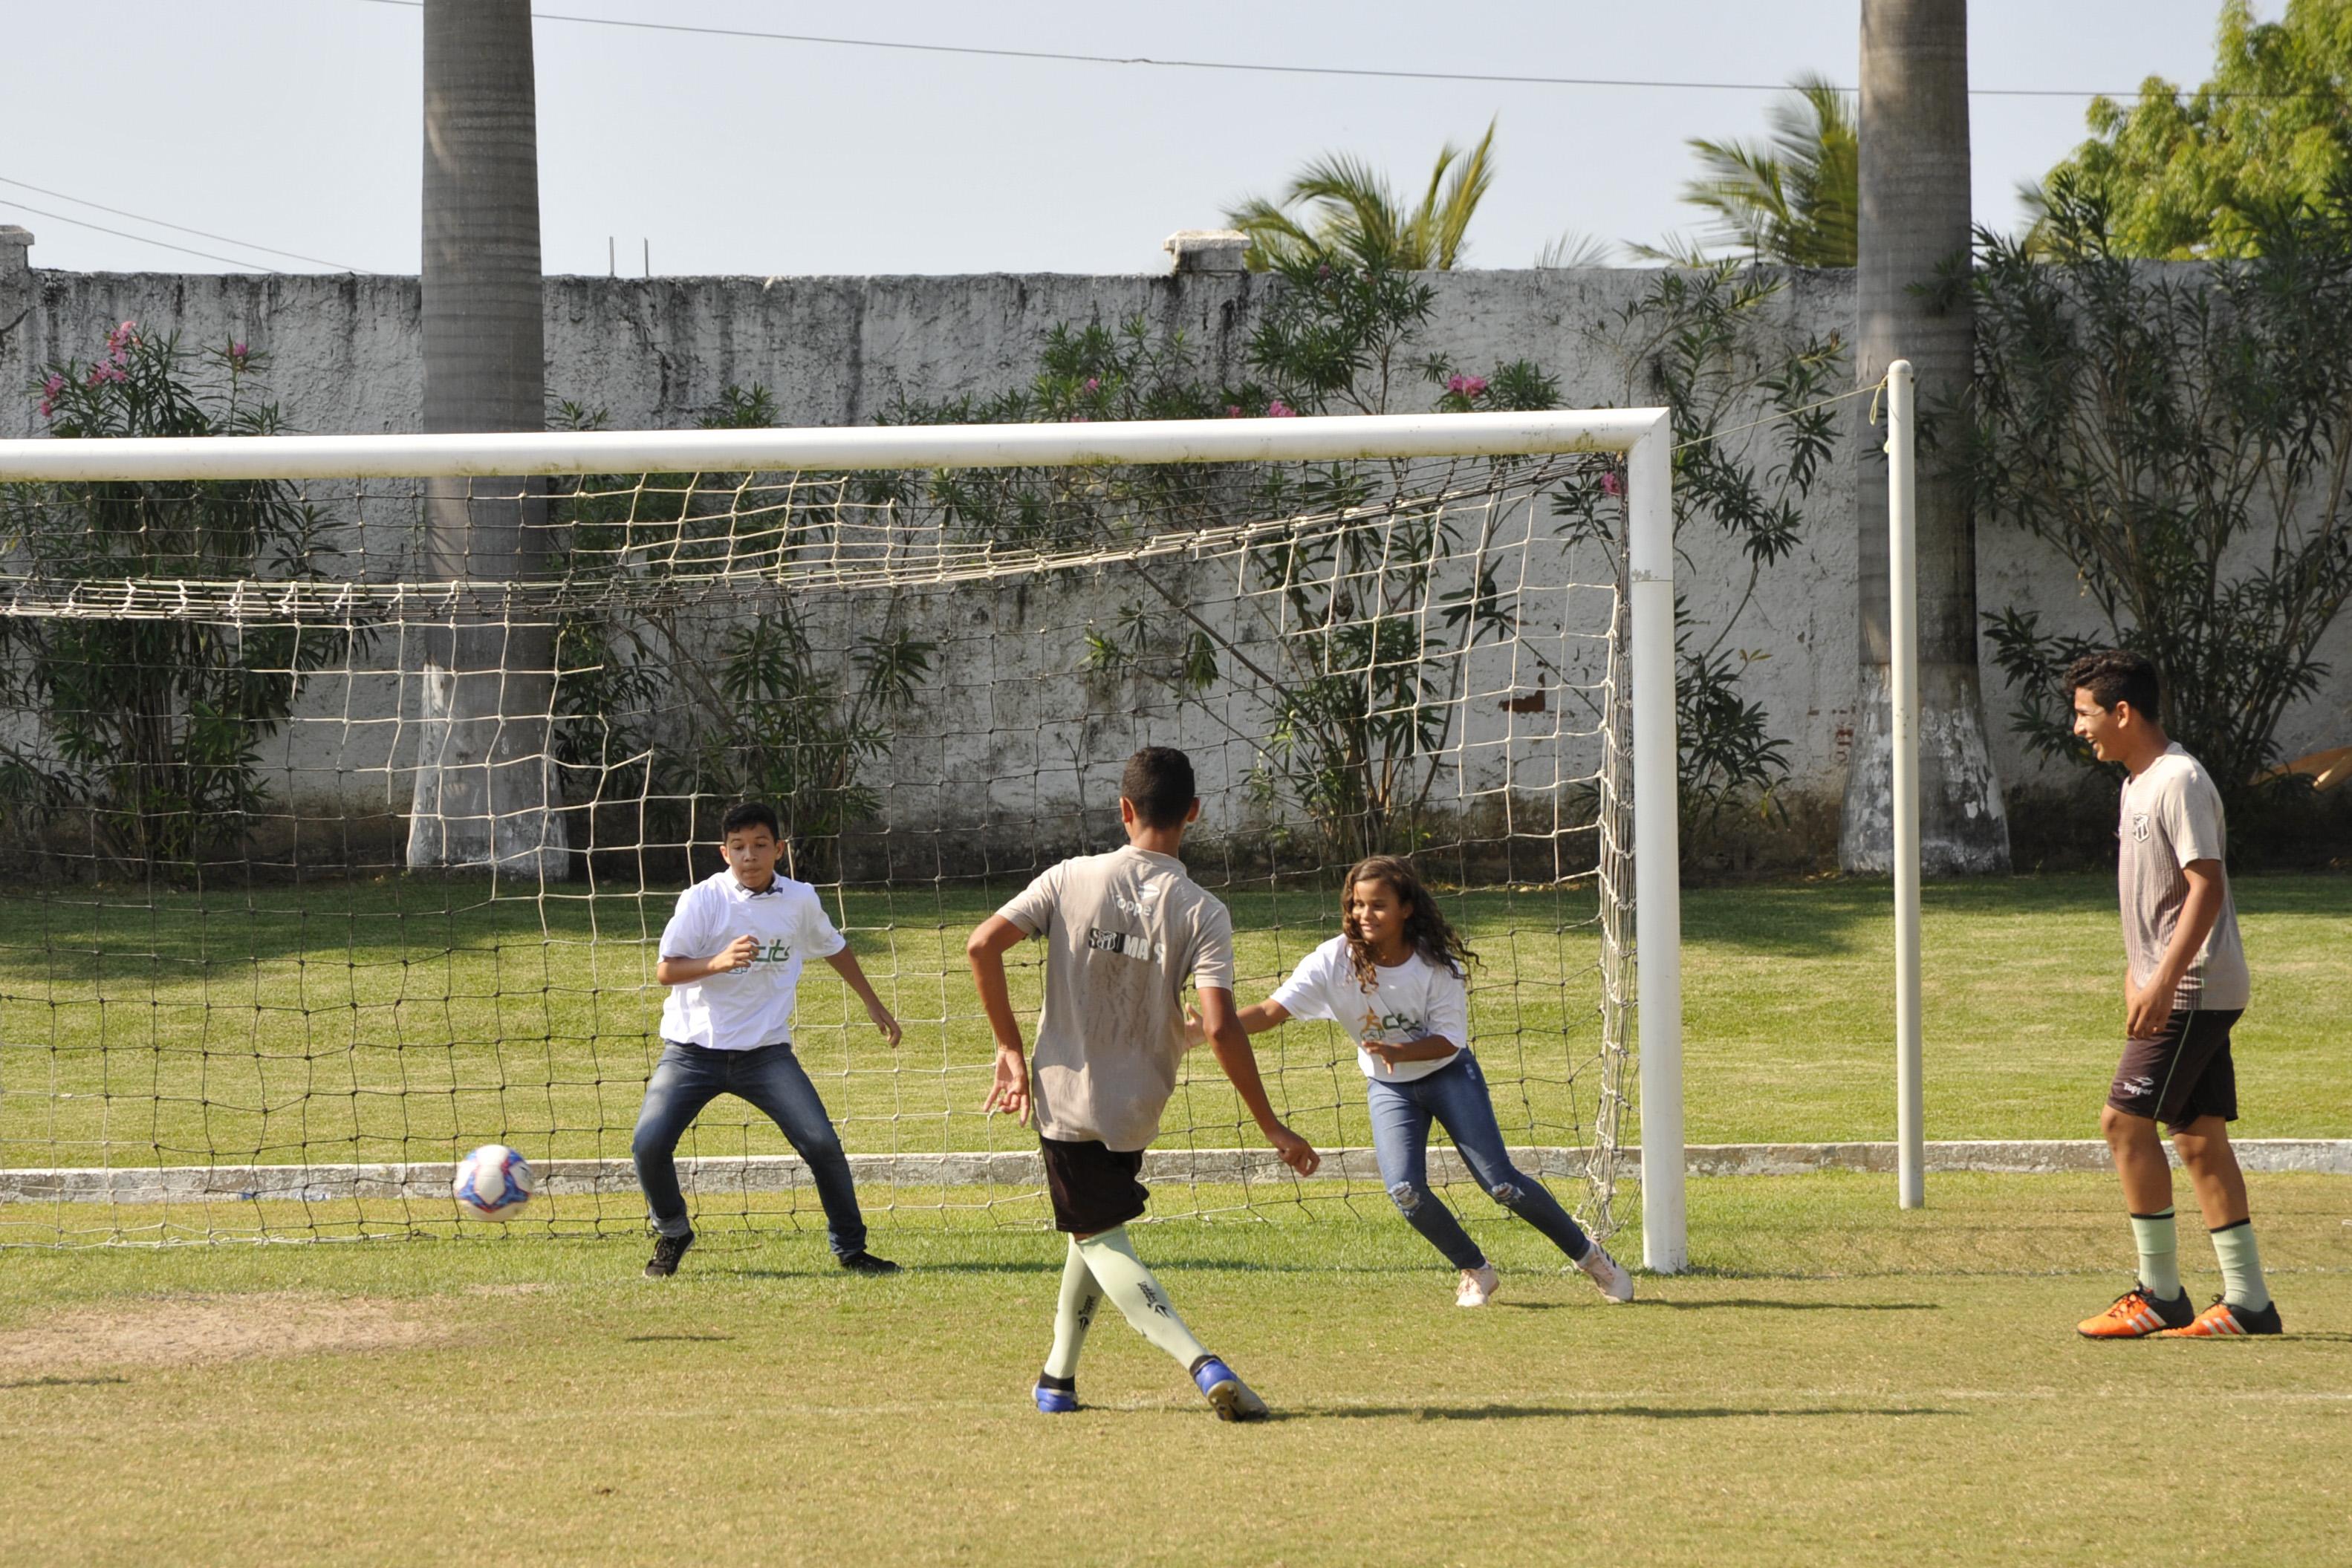 Centros de Inclusão Social ofertam vagas para atividades socioesportivas